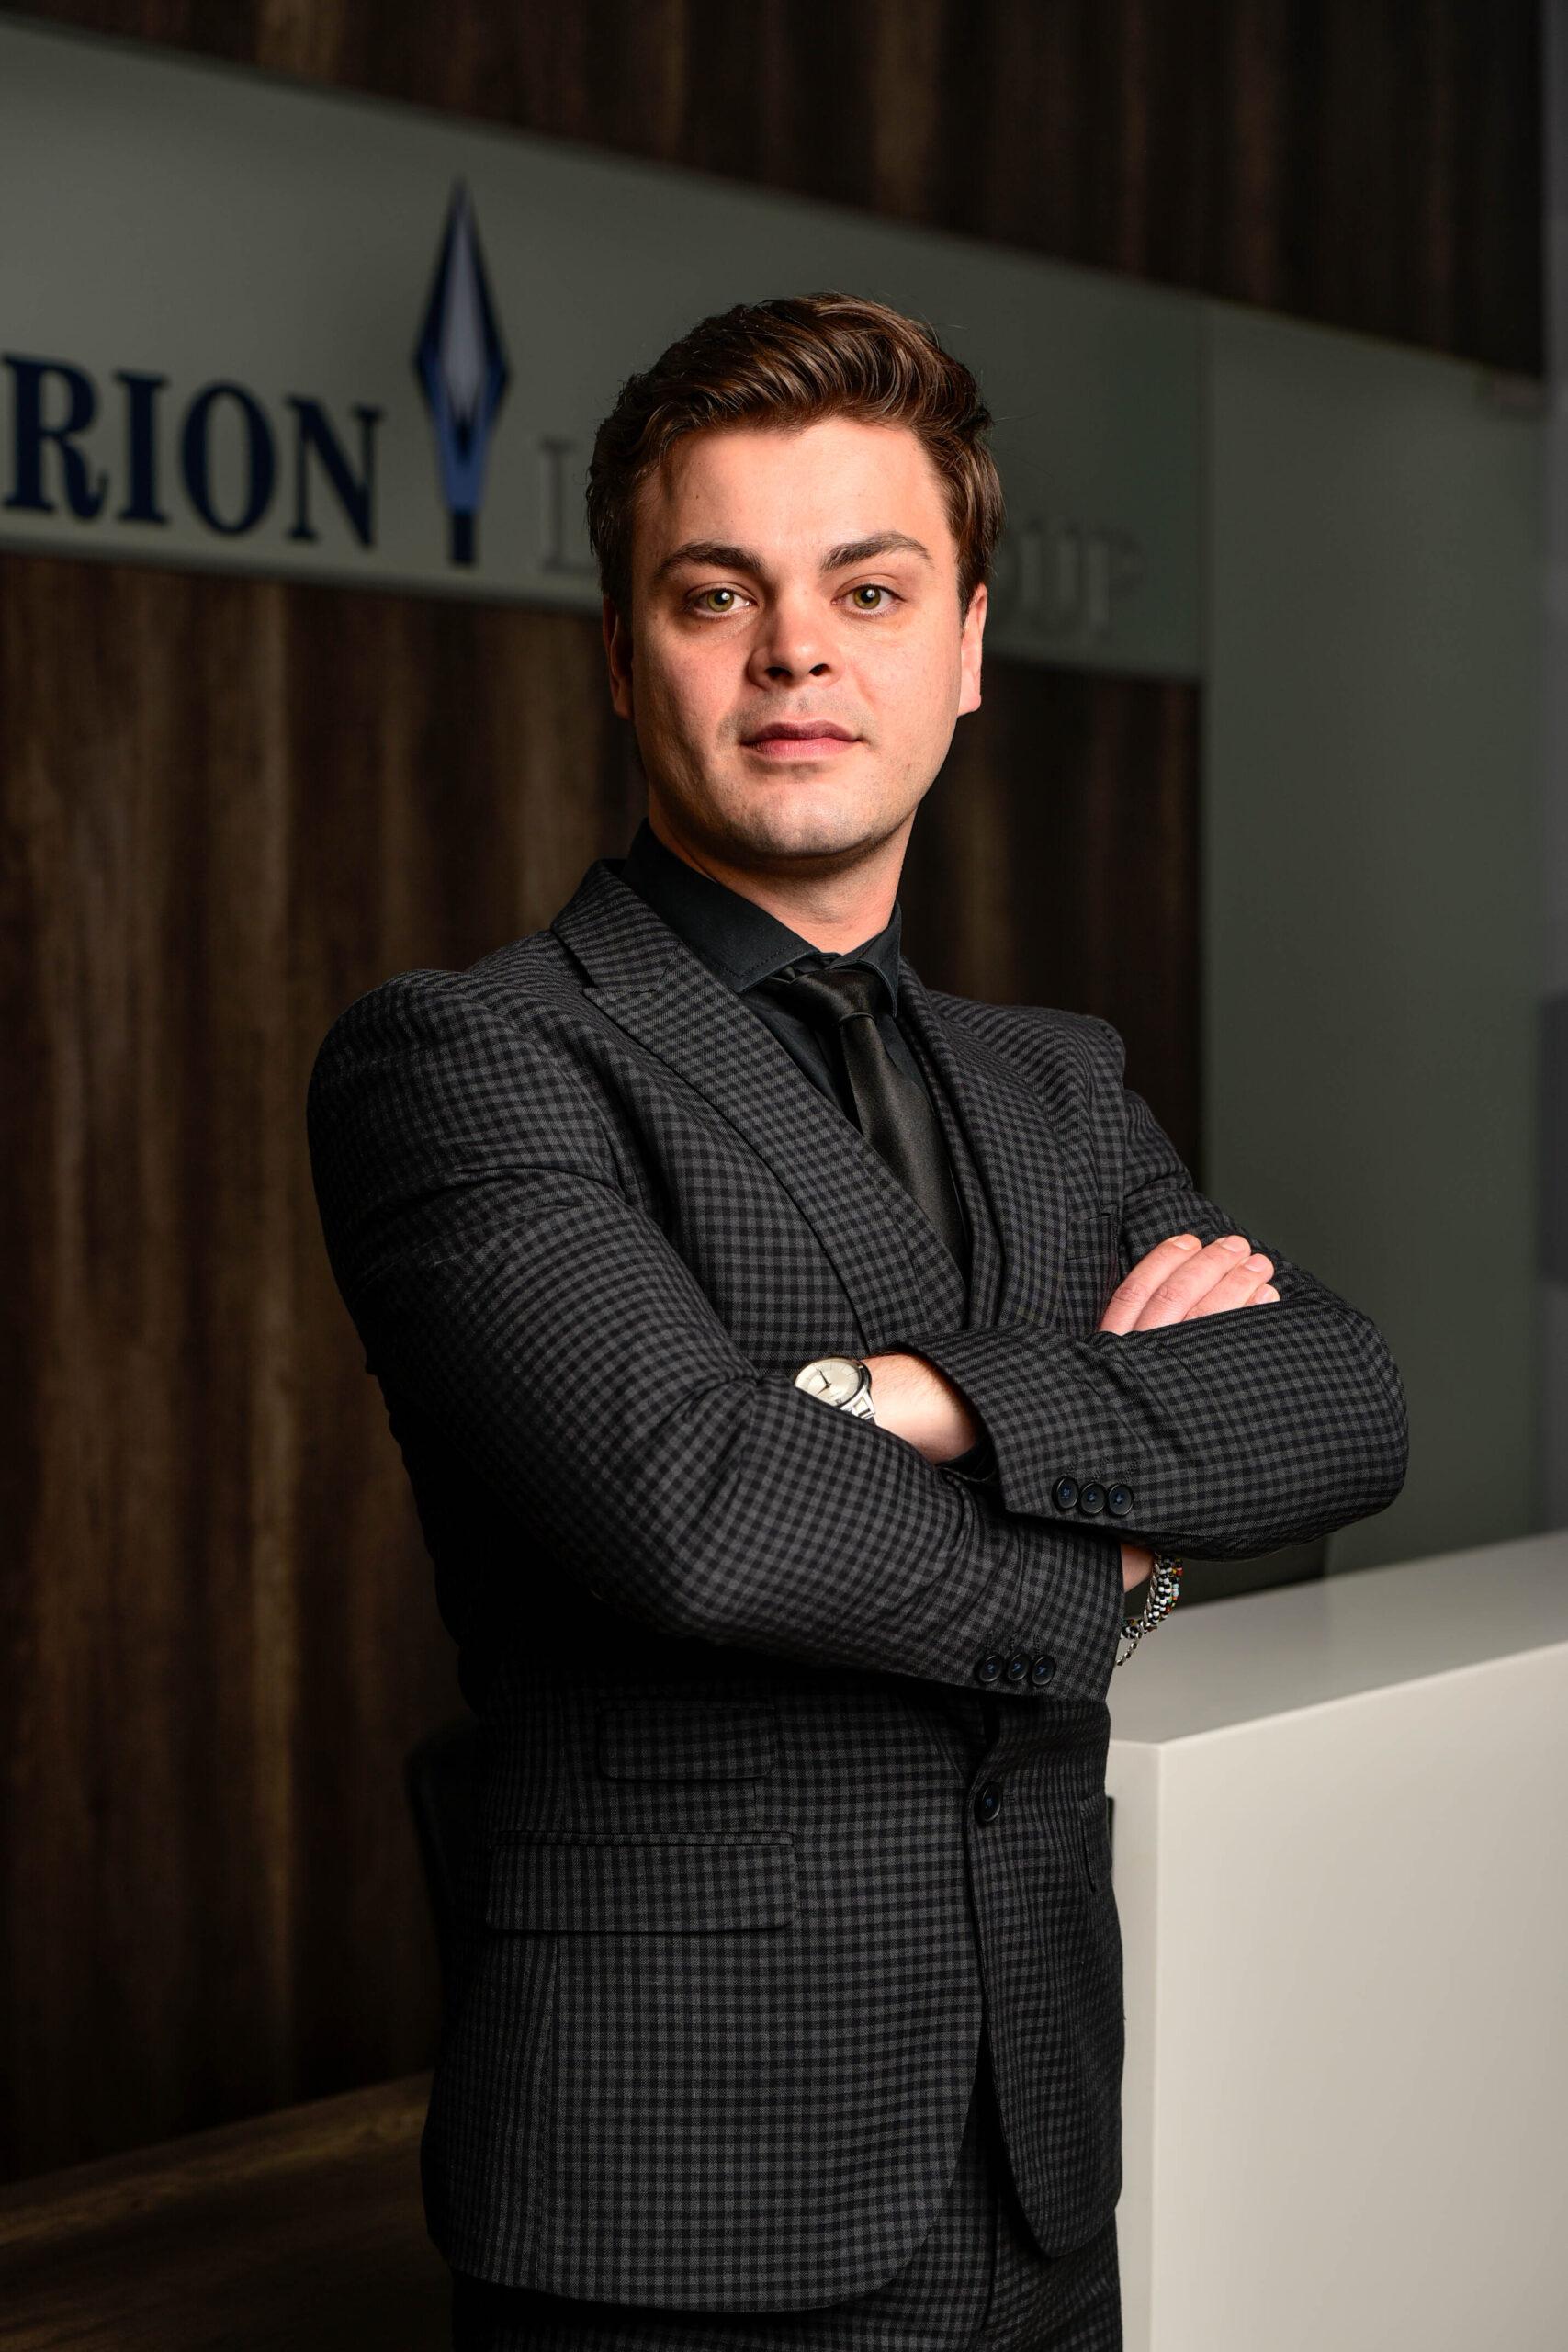 CenturionPlus Director Leon Van Der Merwe